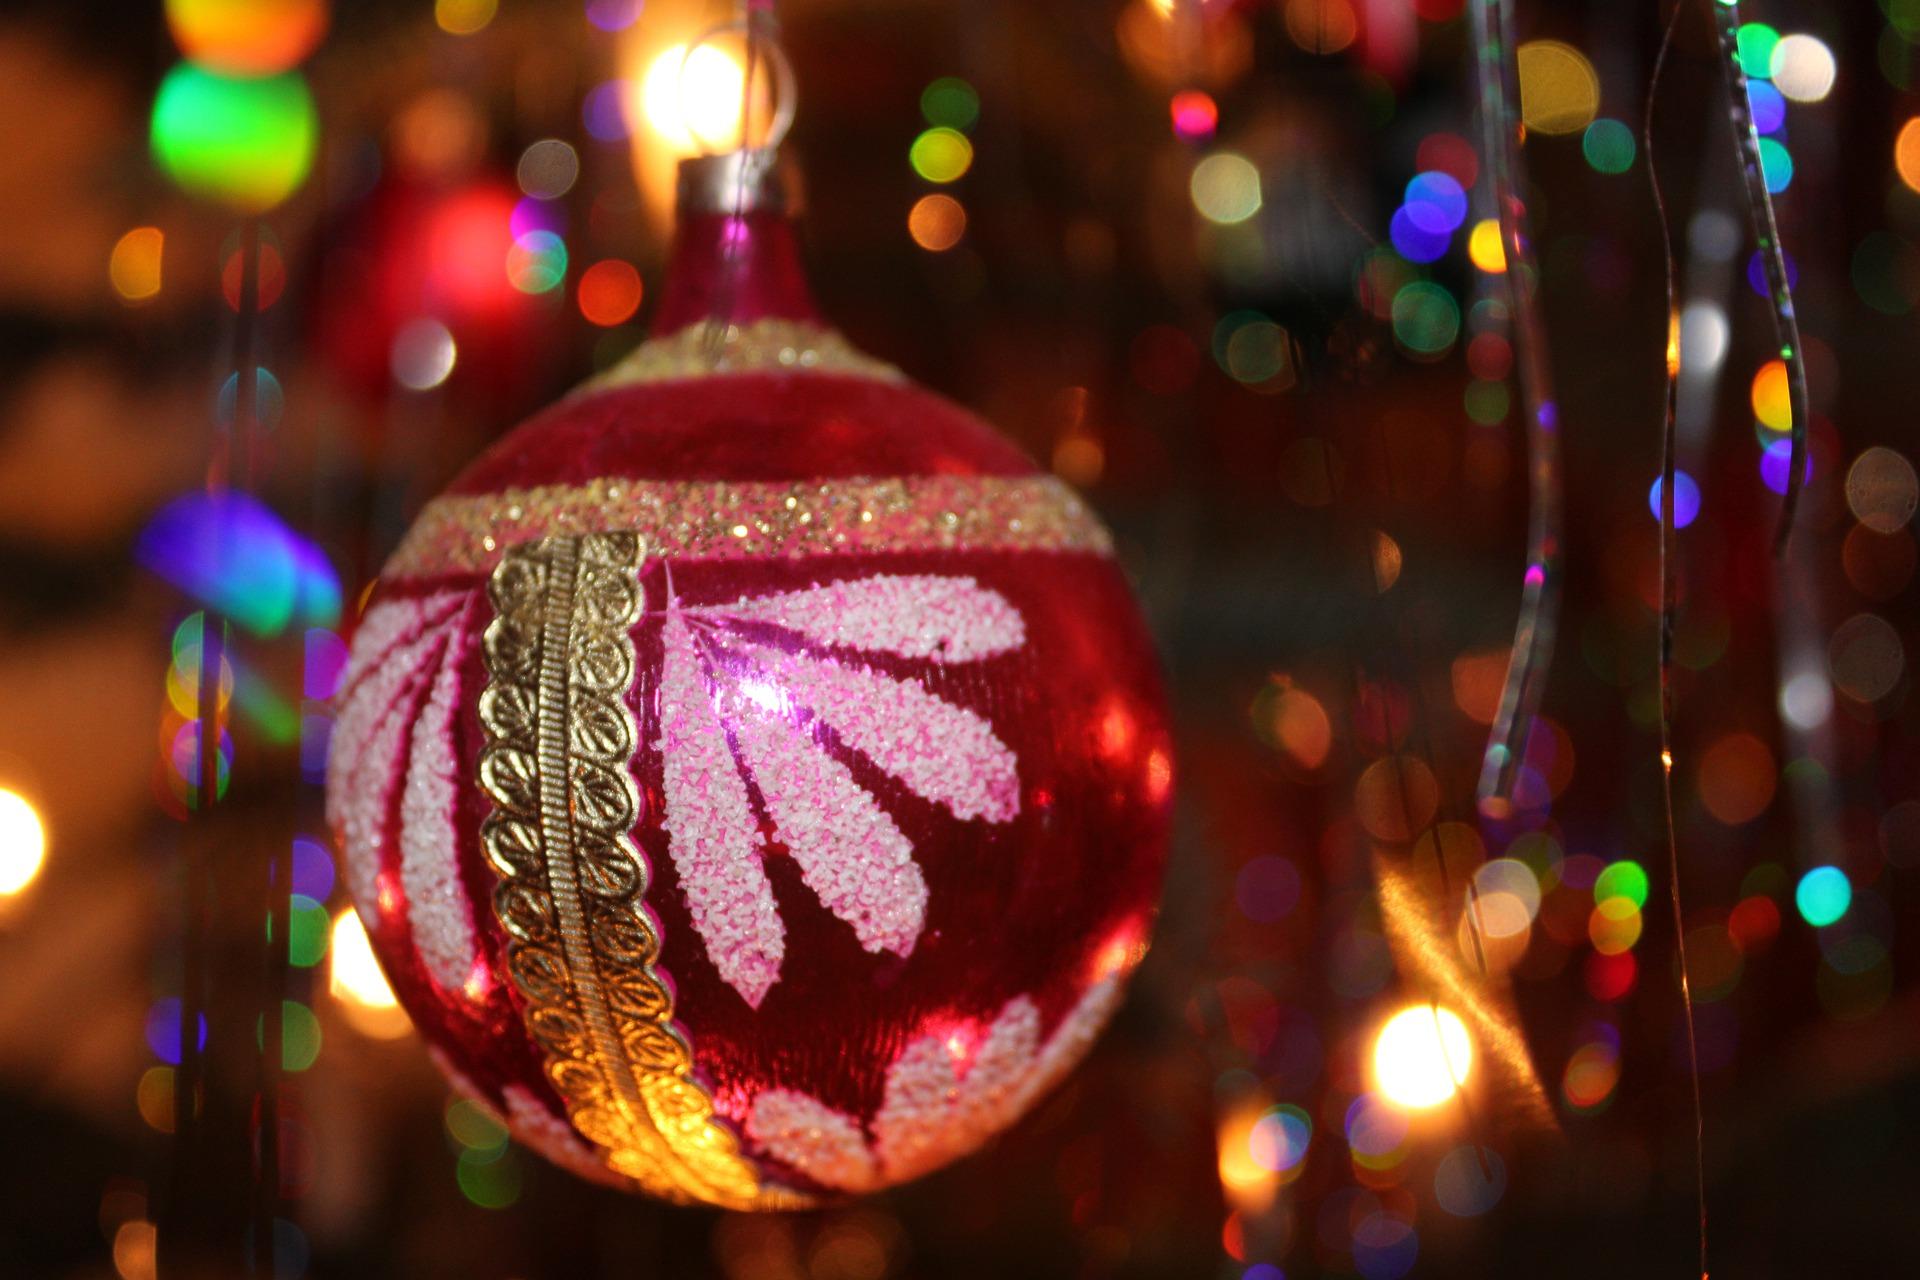 Dankessprüche zu Weihnachten